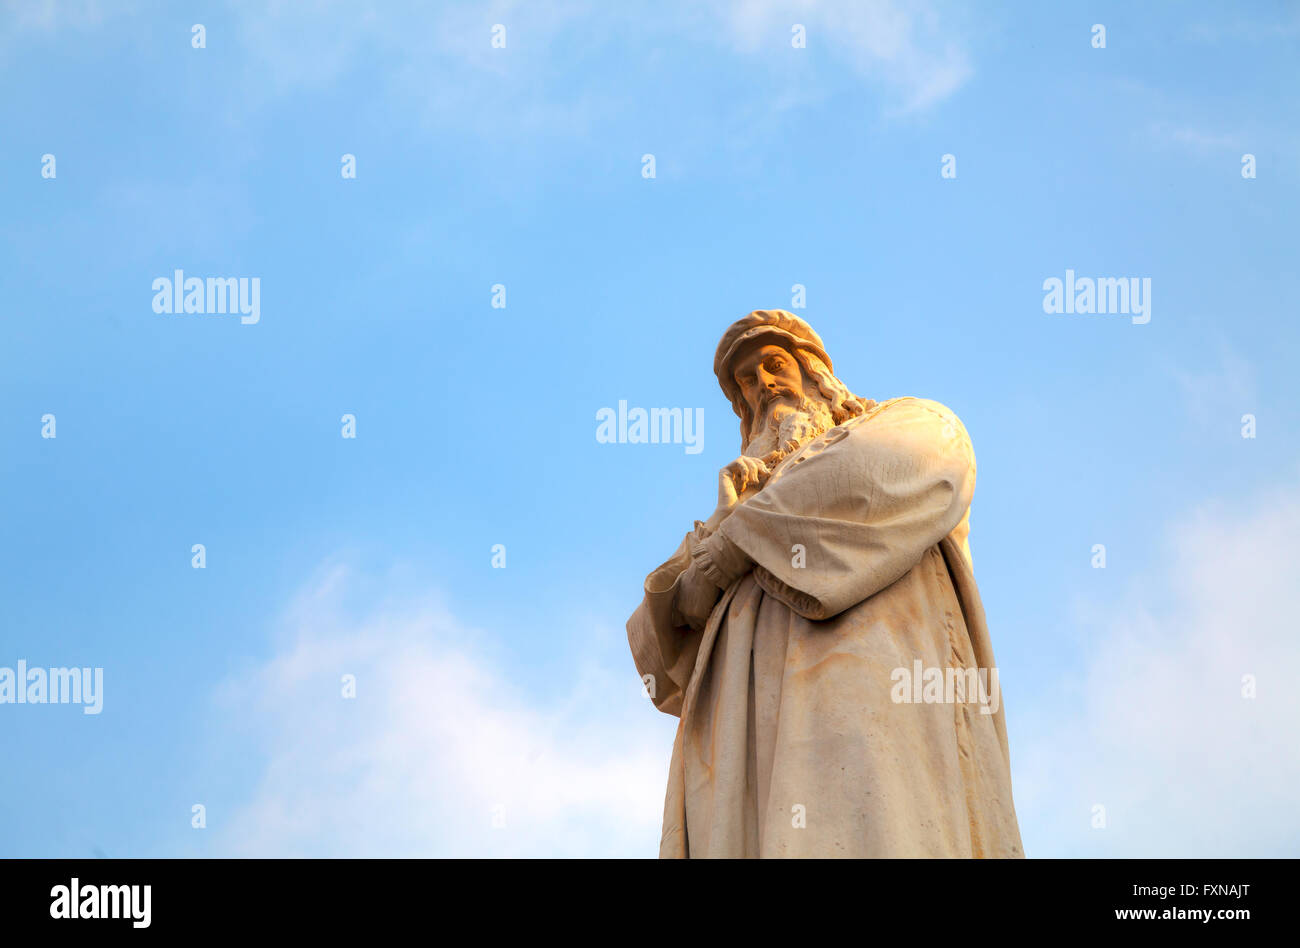 Leonardo Da Vinci statue at Piazza della Scala in Milan, Italy - Stock Image